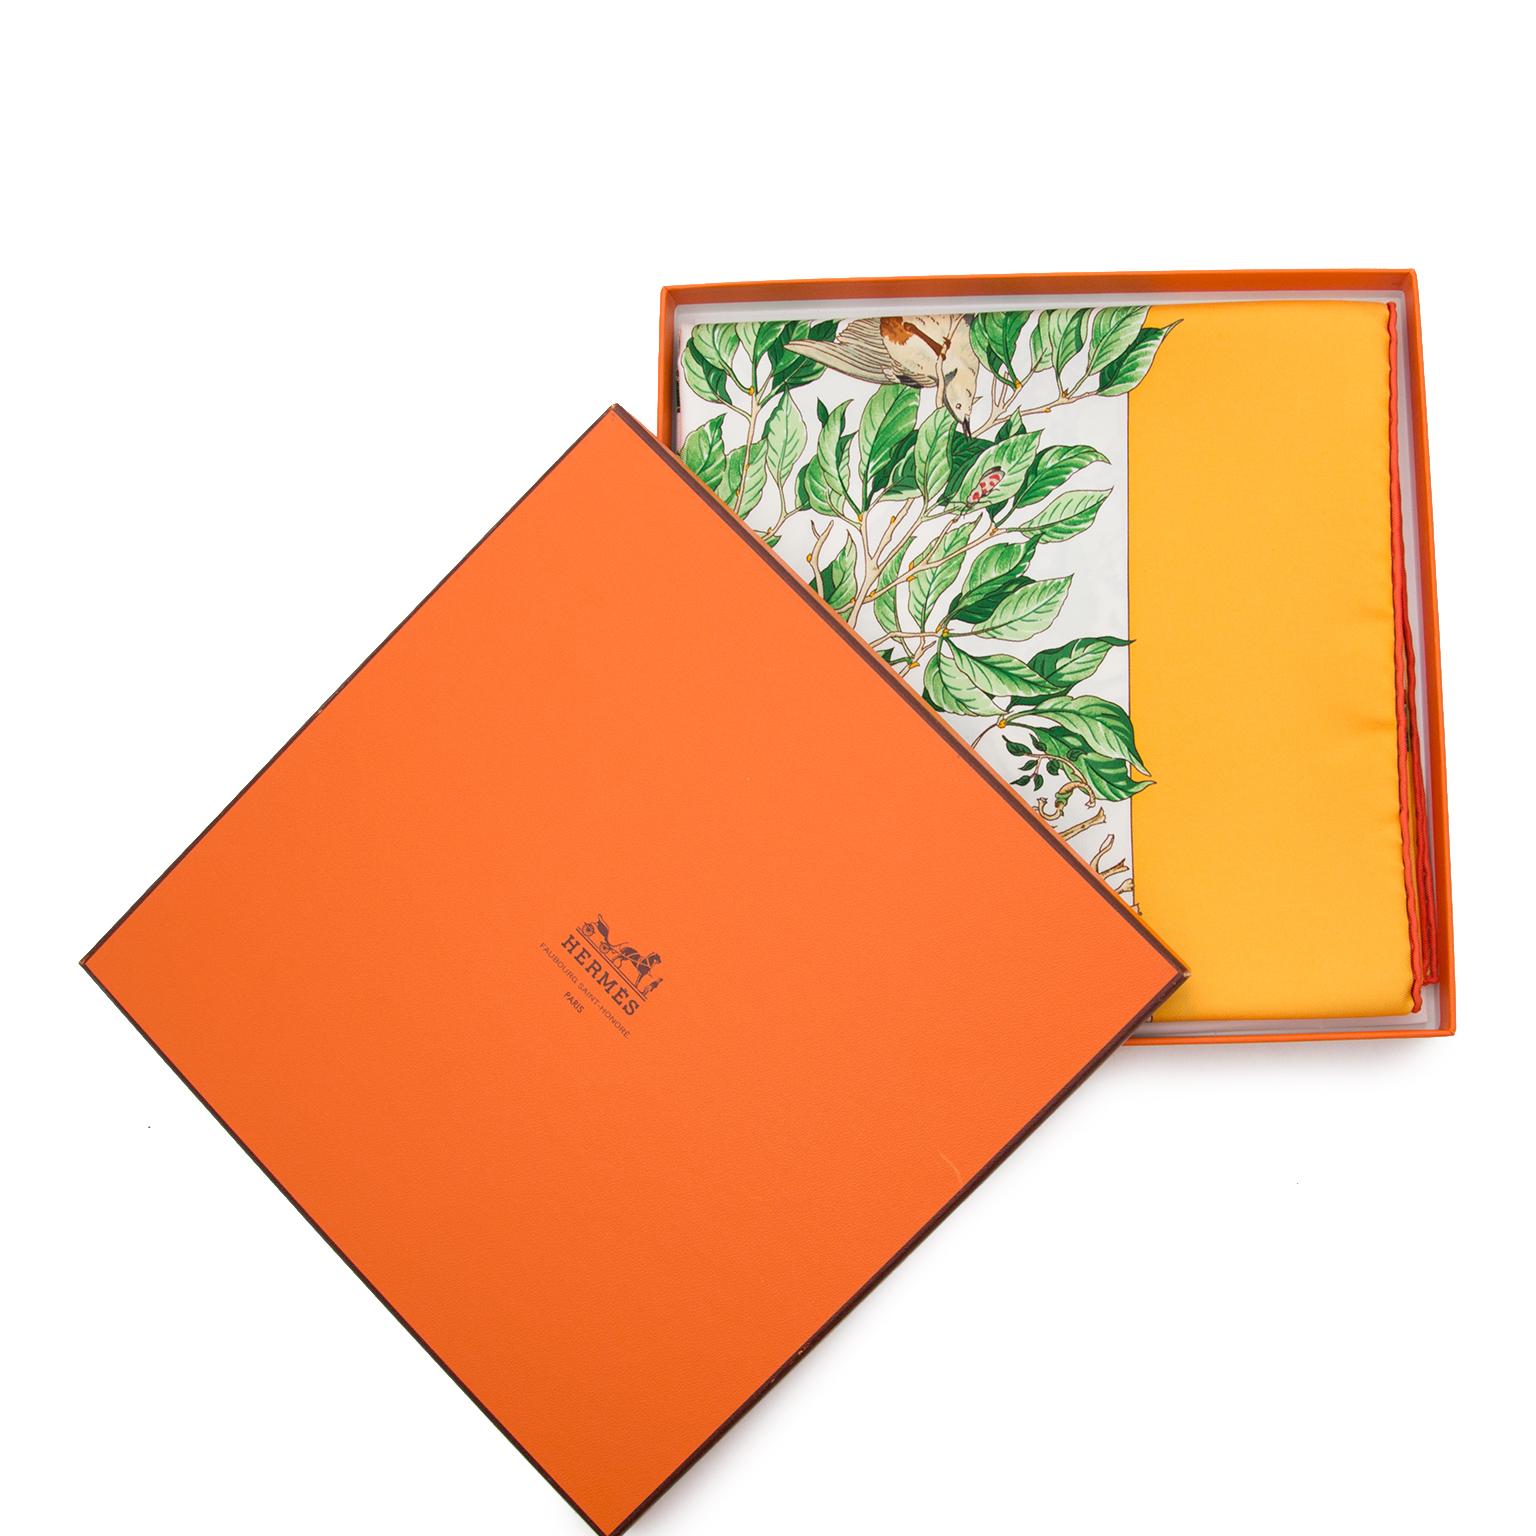 Koop en verkoop uw authentieke  Hermès Carré Au Coeur Des Bois foulard aan de beste prijs